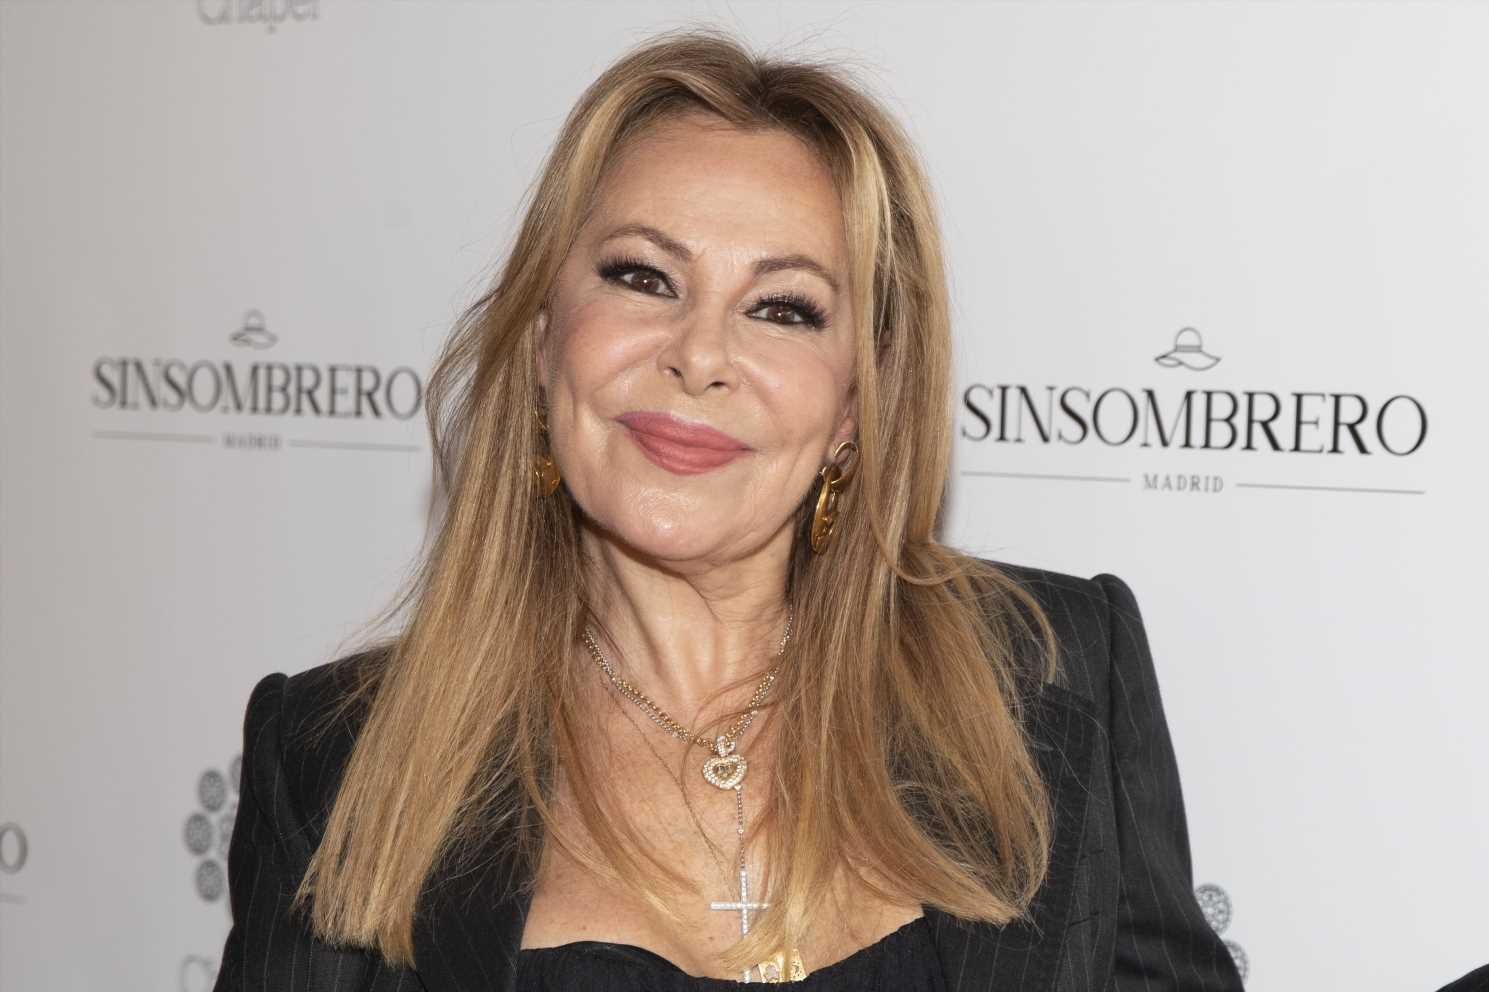 El motivo que ha provocado que Ana Obregón salga de su retiro